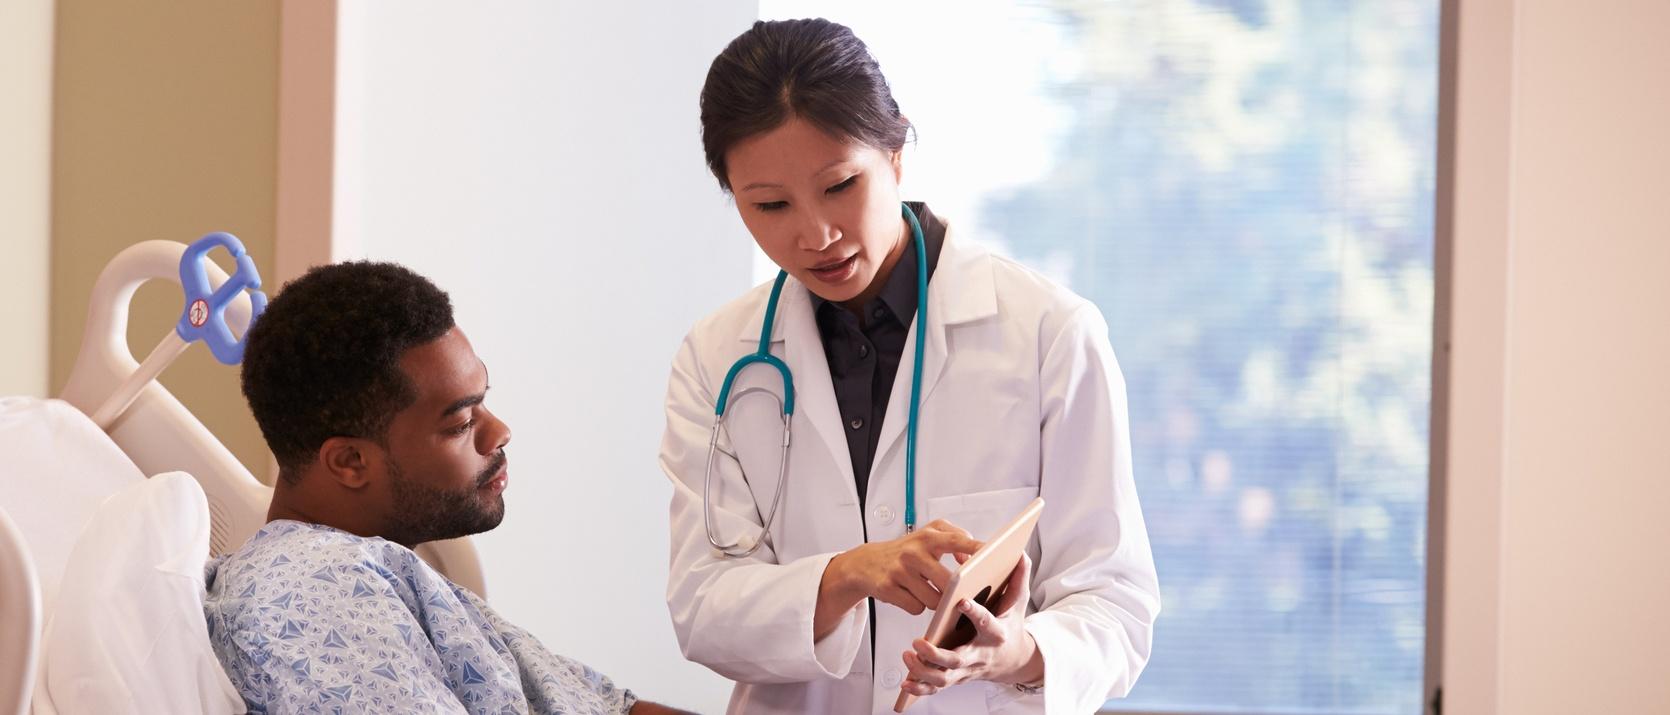 http://cdn2.hubspot.net/hubfs/32387/market-to-busy-physicians-1.jpg